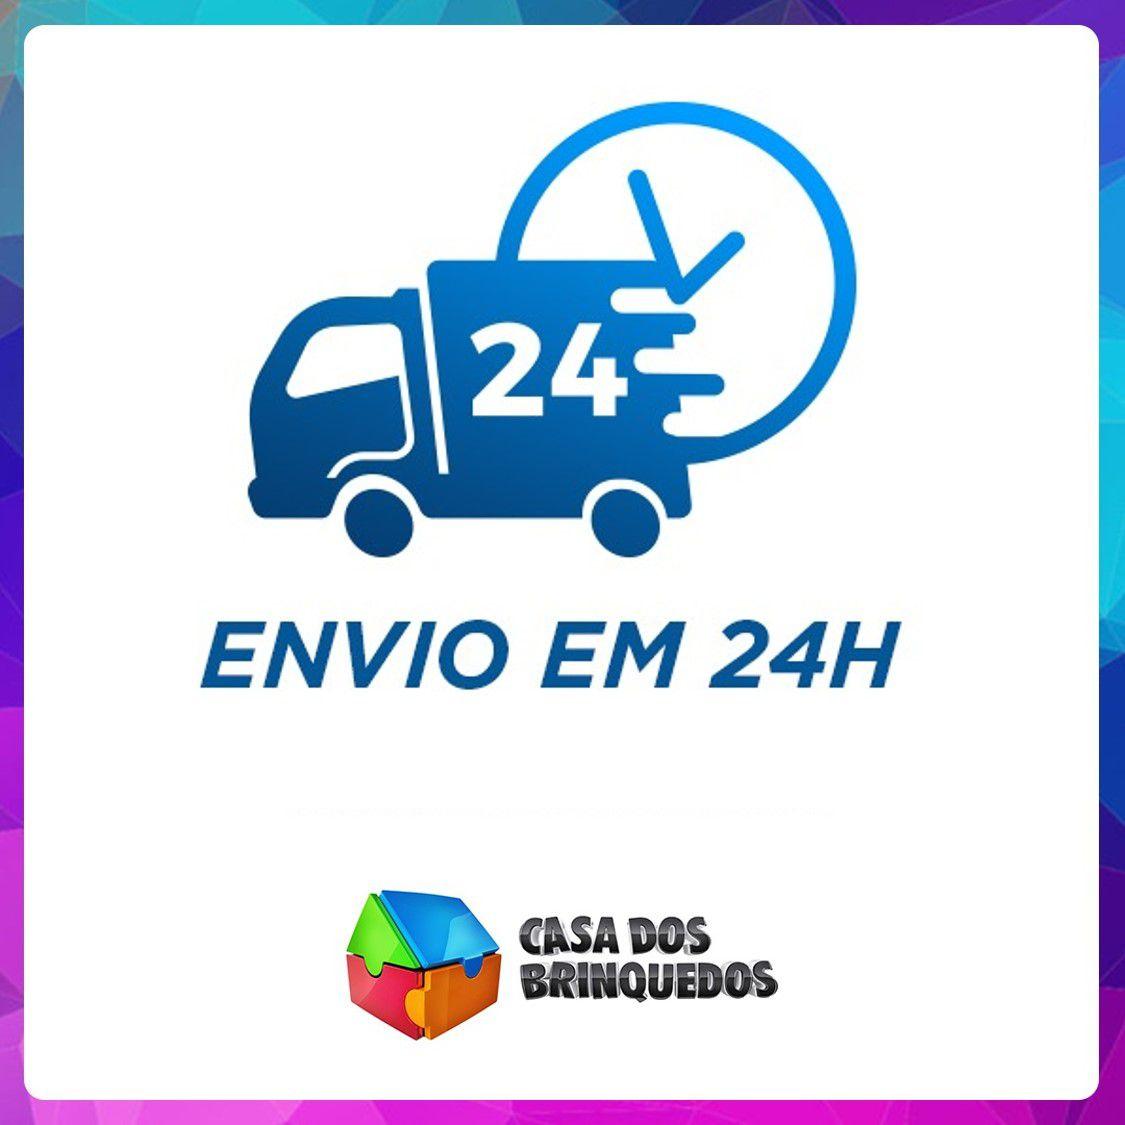 JOGO DE BOLICHE MINIONS MEU MALVADO FAVORITO 2794 LIDER